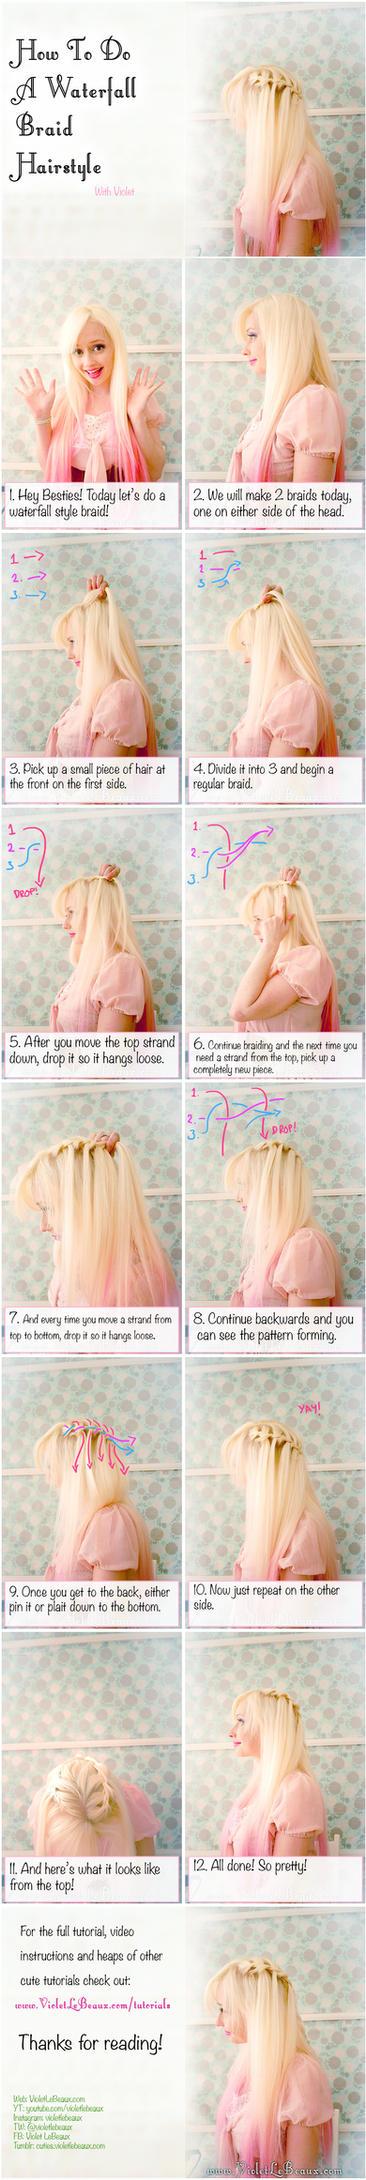 Waterfall Braid Hairstyle Tutorial by VioletLeBeaux